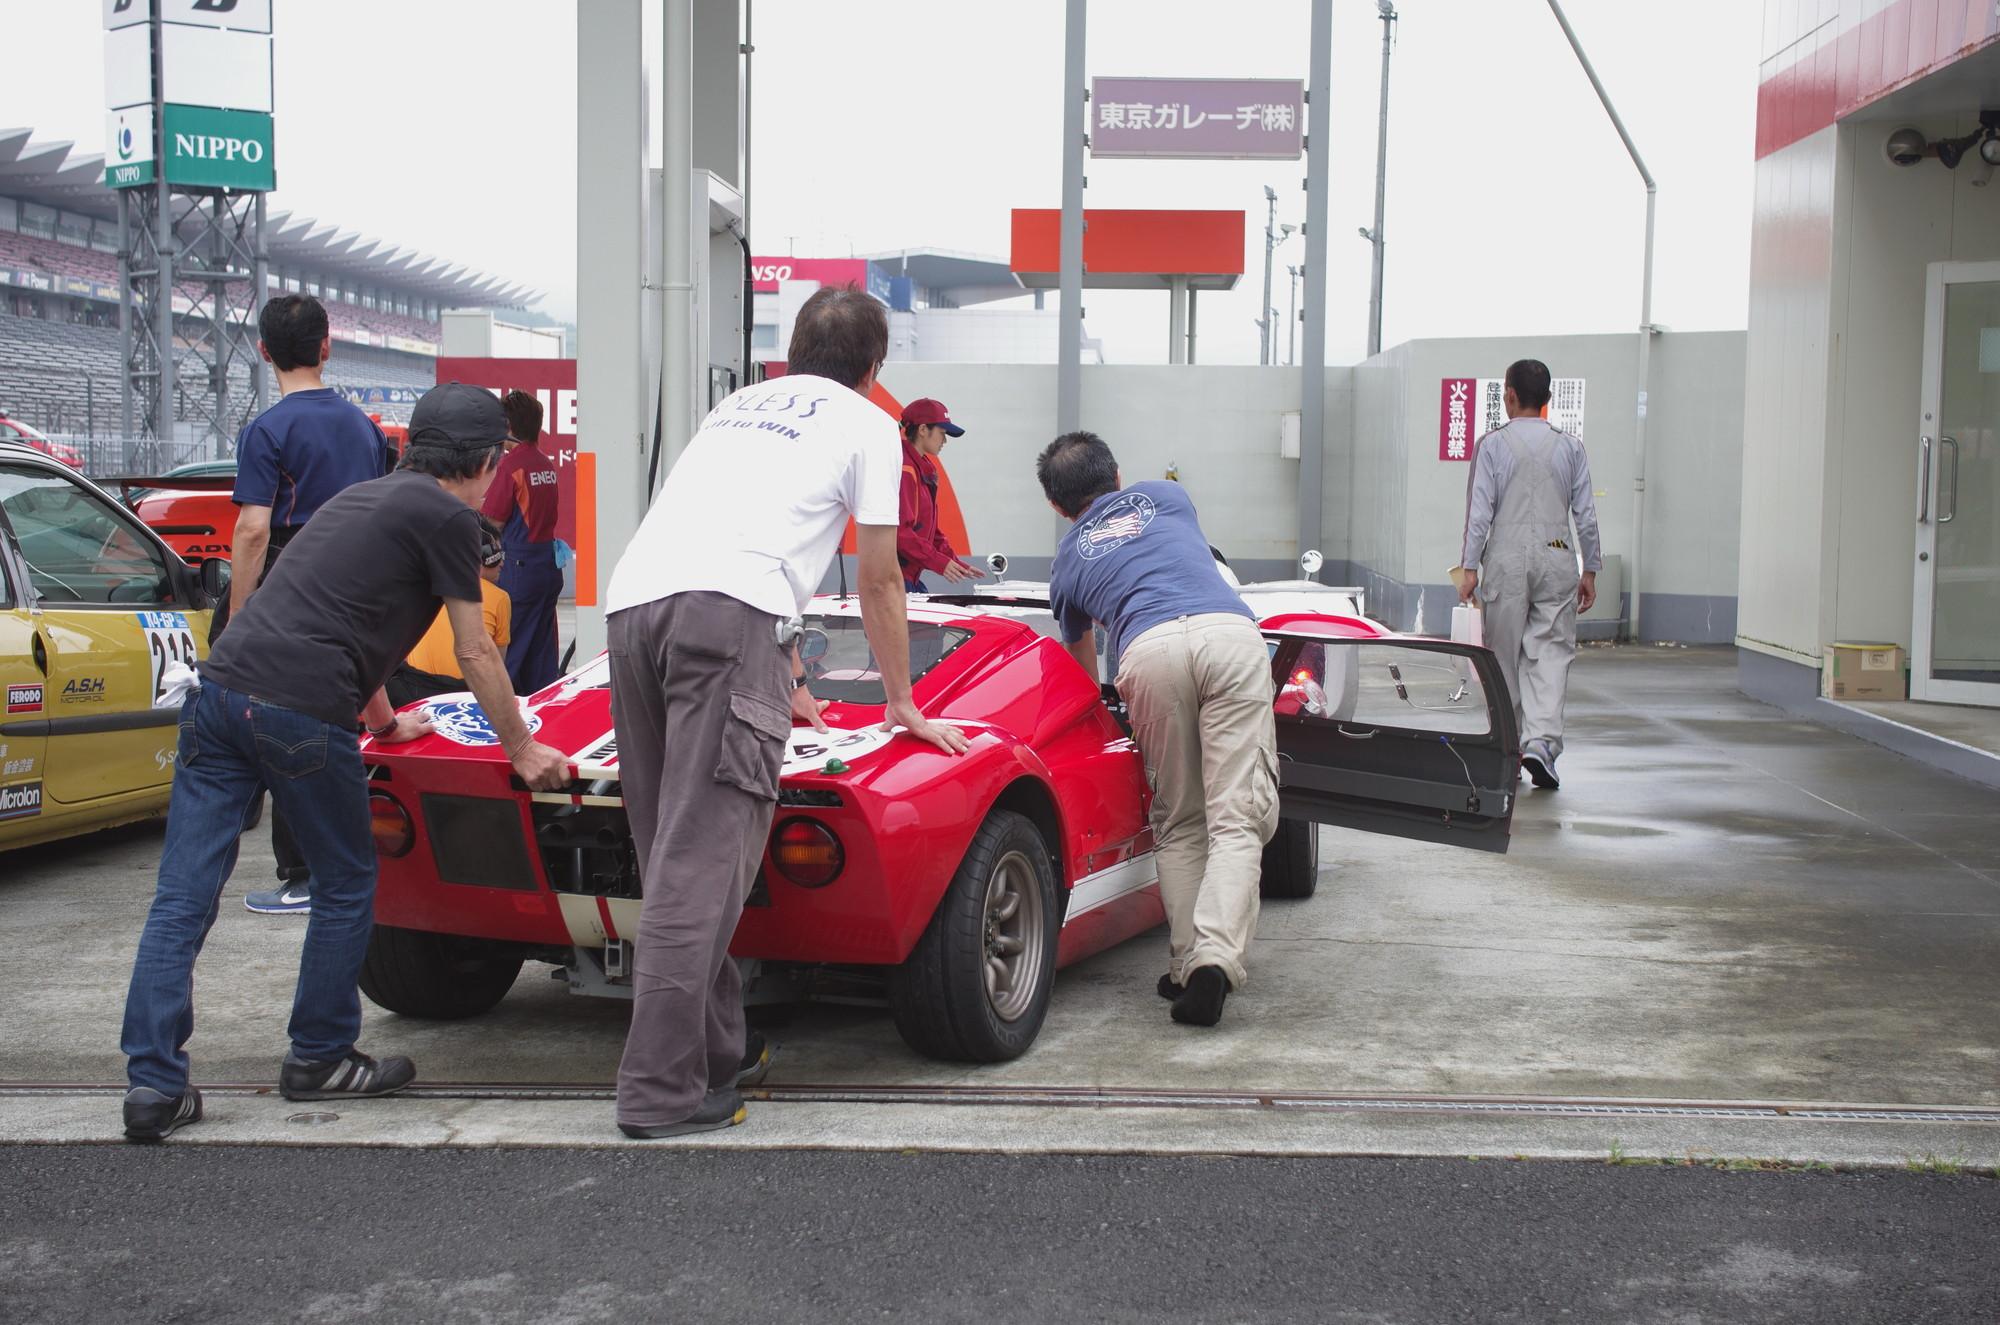 練習走行が終わると、各車レースに備えて給油に向かいます。(Photo by Yamato.)